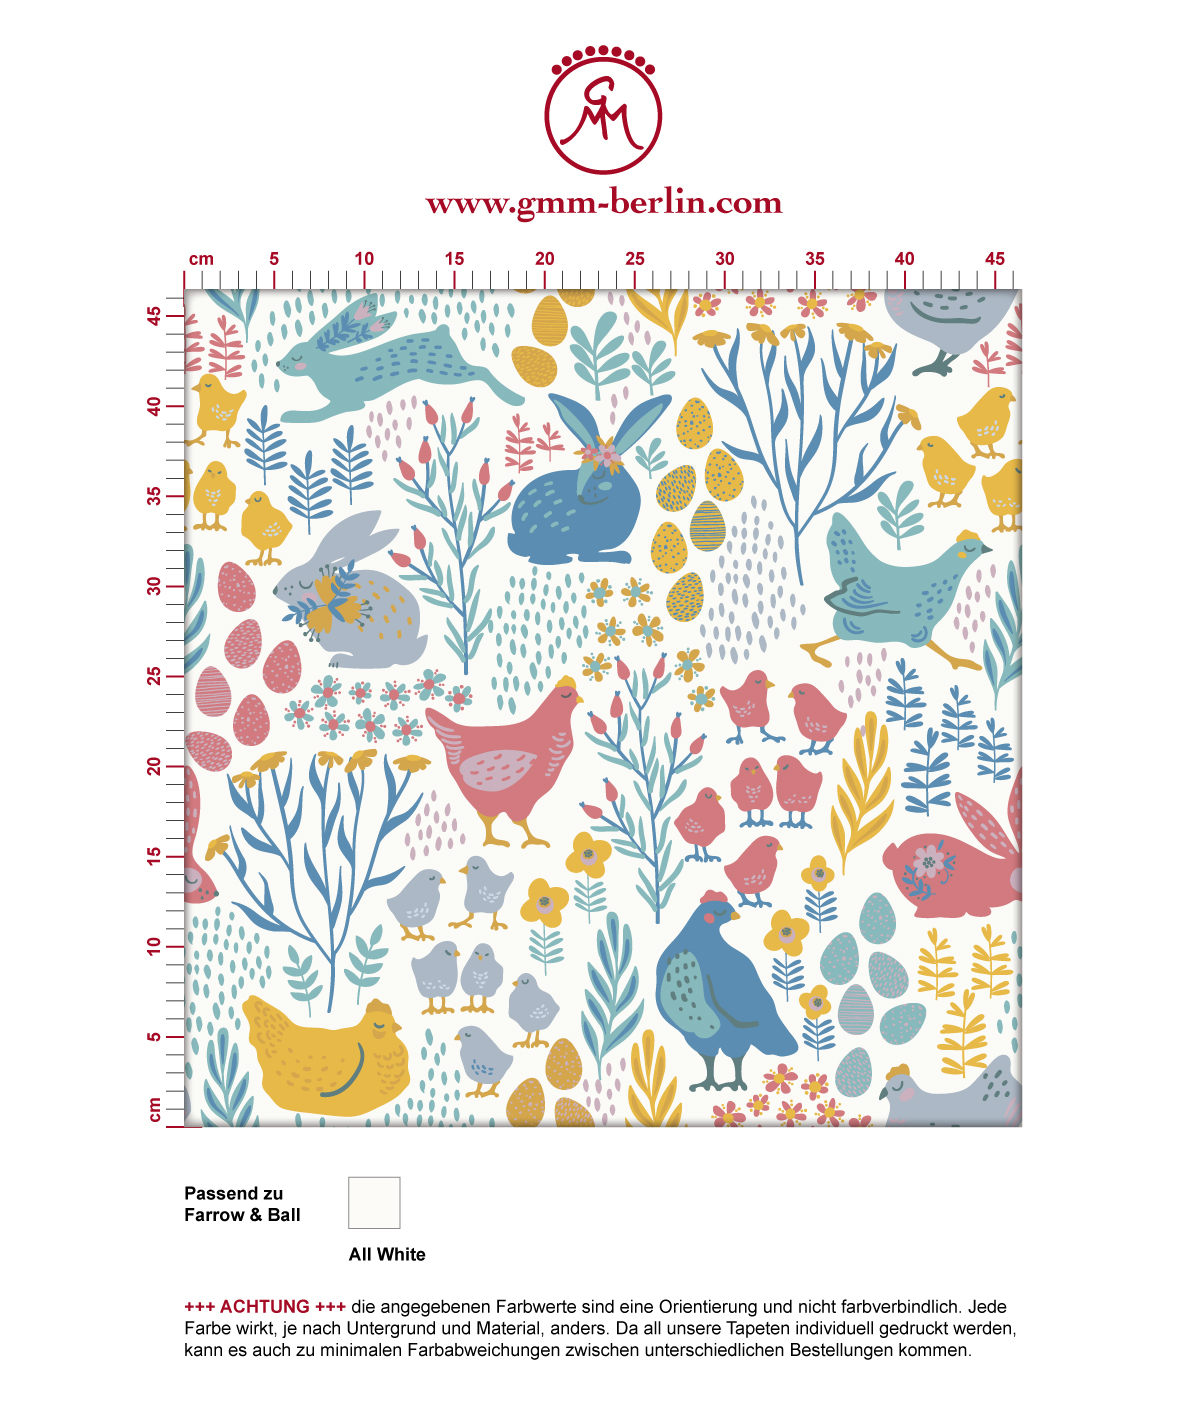 """Bunte Tapete """"Hoppelgarten"""" mit bunten Hühnern, Hasen und Blumen vom Land in Farbe 2 - groß angepasst an Farrow & Ball Wandfarben"""